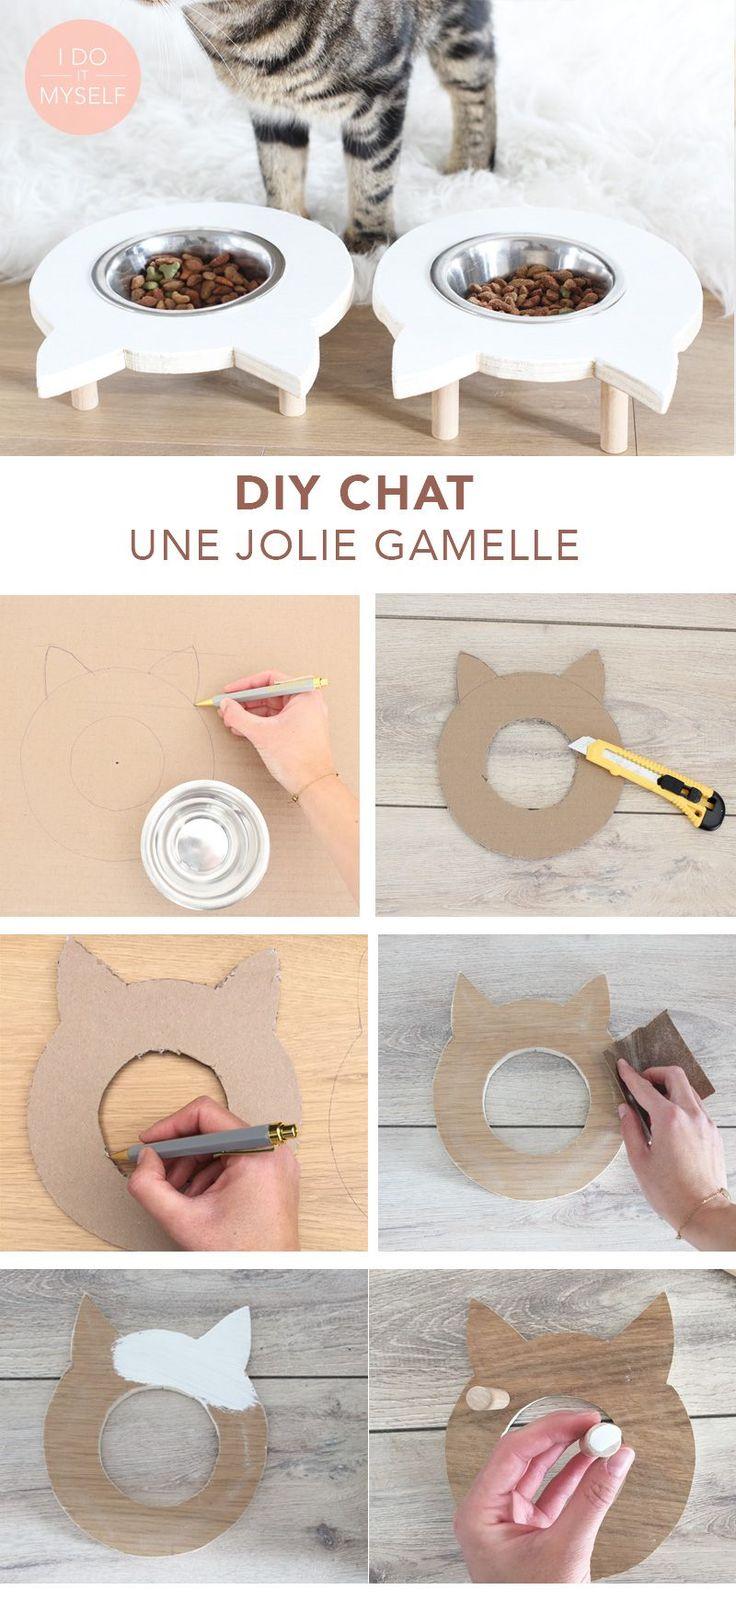 CAT DIY : Create a cute bowl for stand your cat! DIY CHAT : Créez un joli porte gamelle pour votre chat! Puuurfect